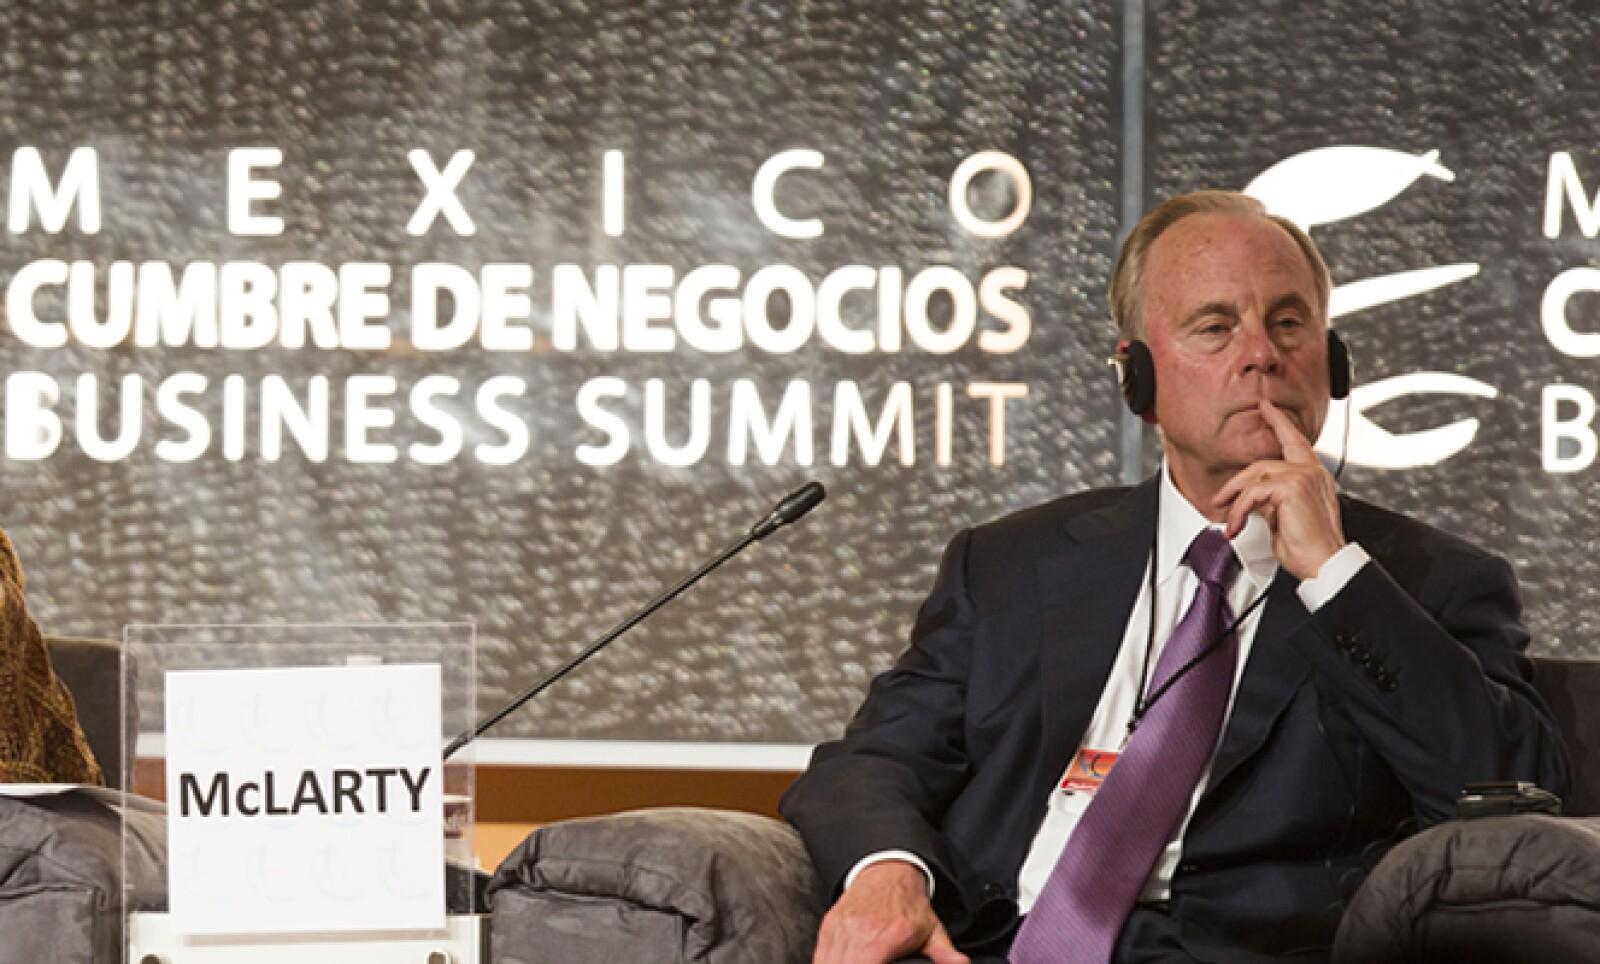 El presidente de McLarty Associates participó en la mesa sobre la relación México-Estados Unidos tras las elecciones presidenciales en ambos países.